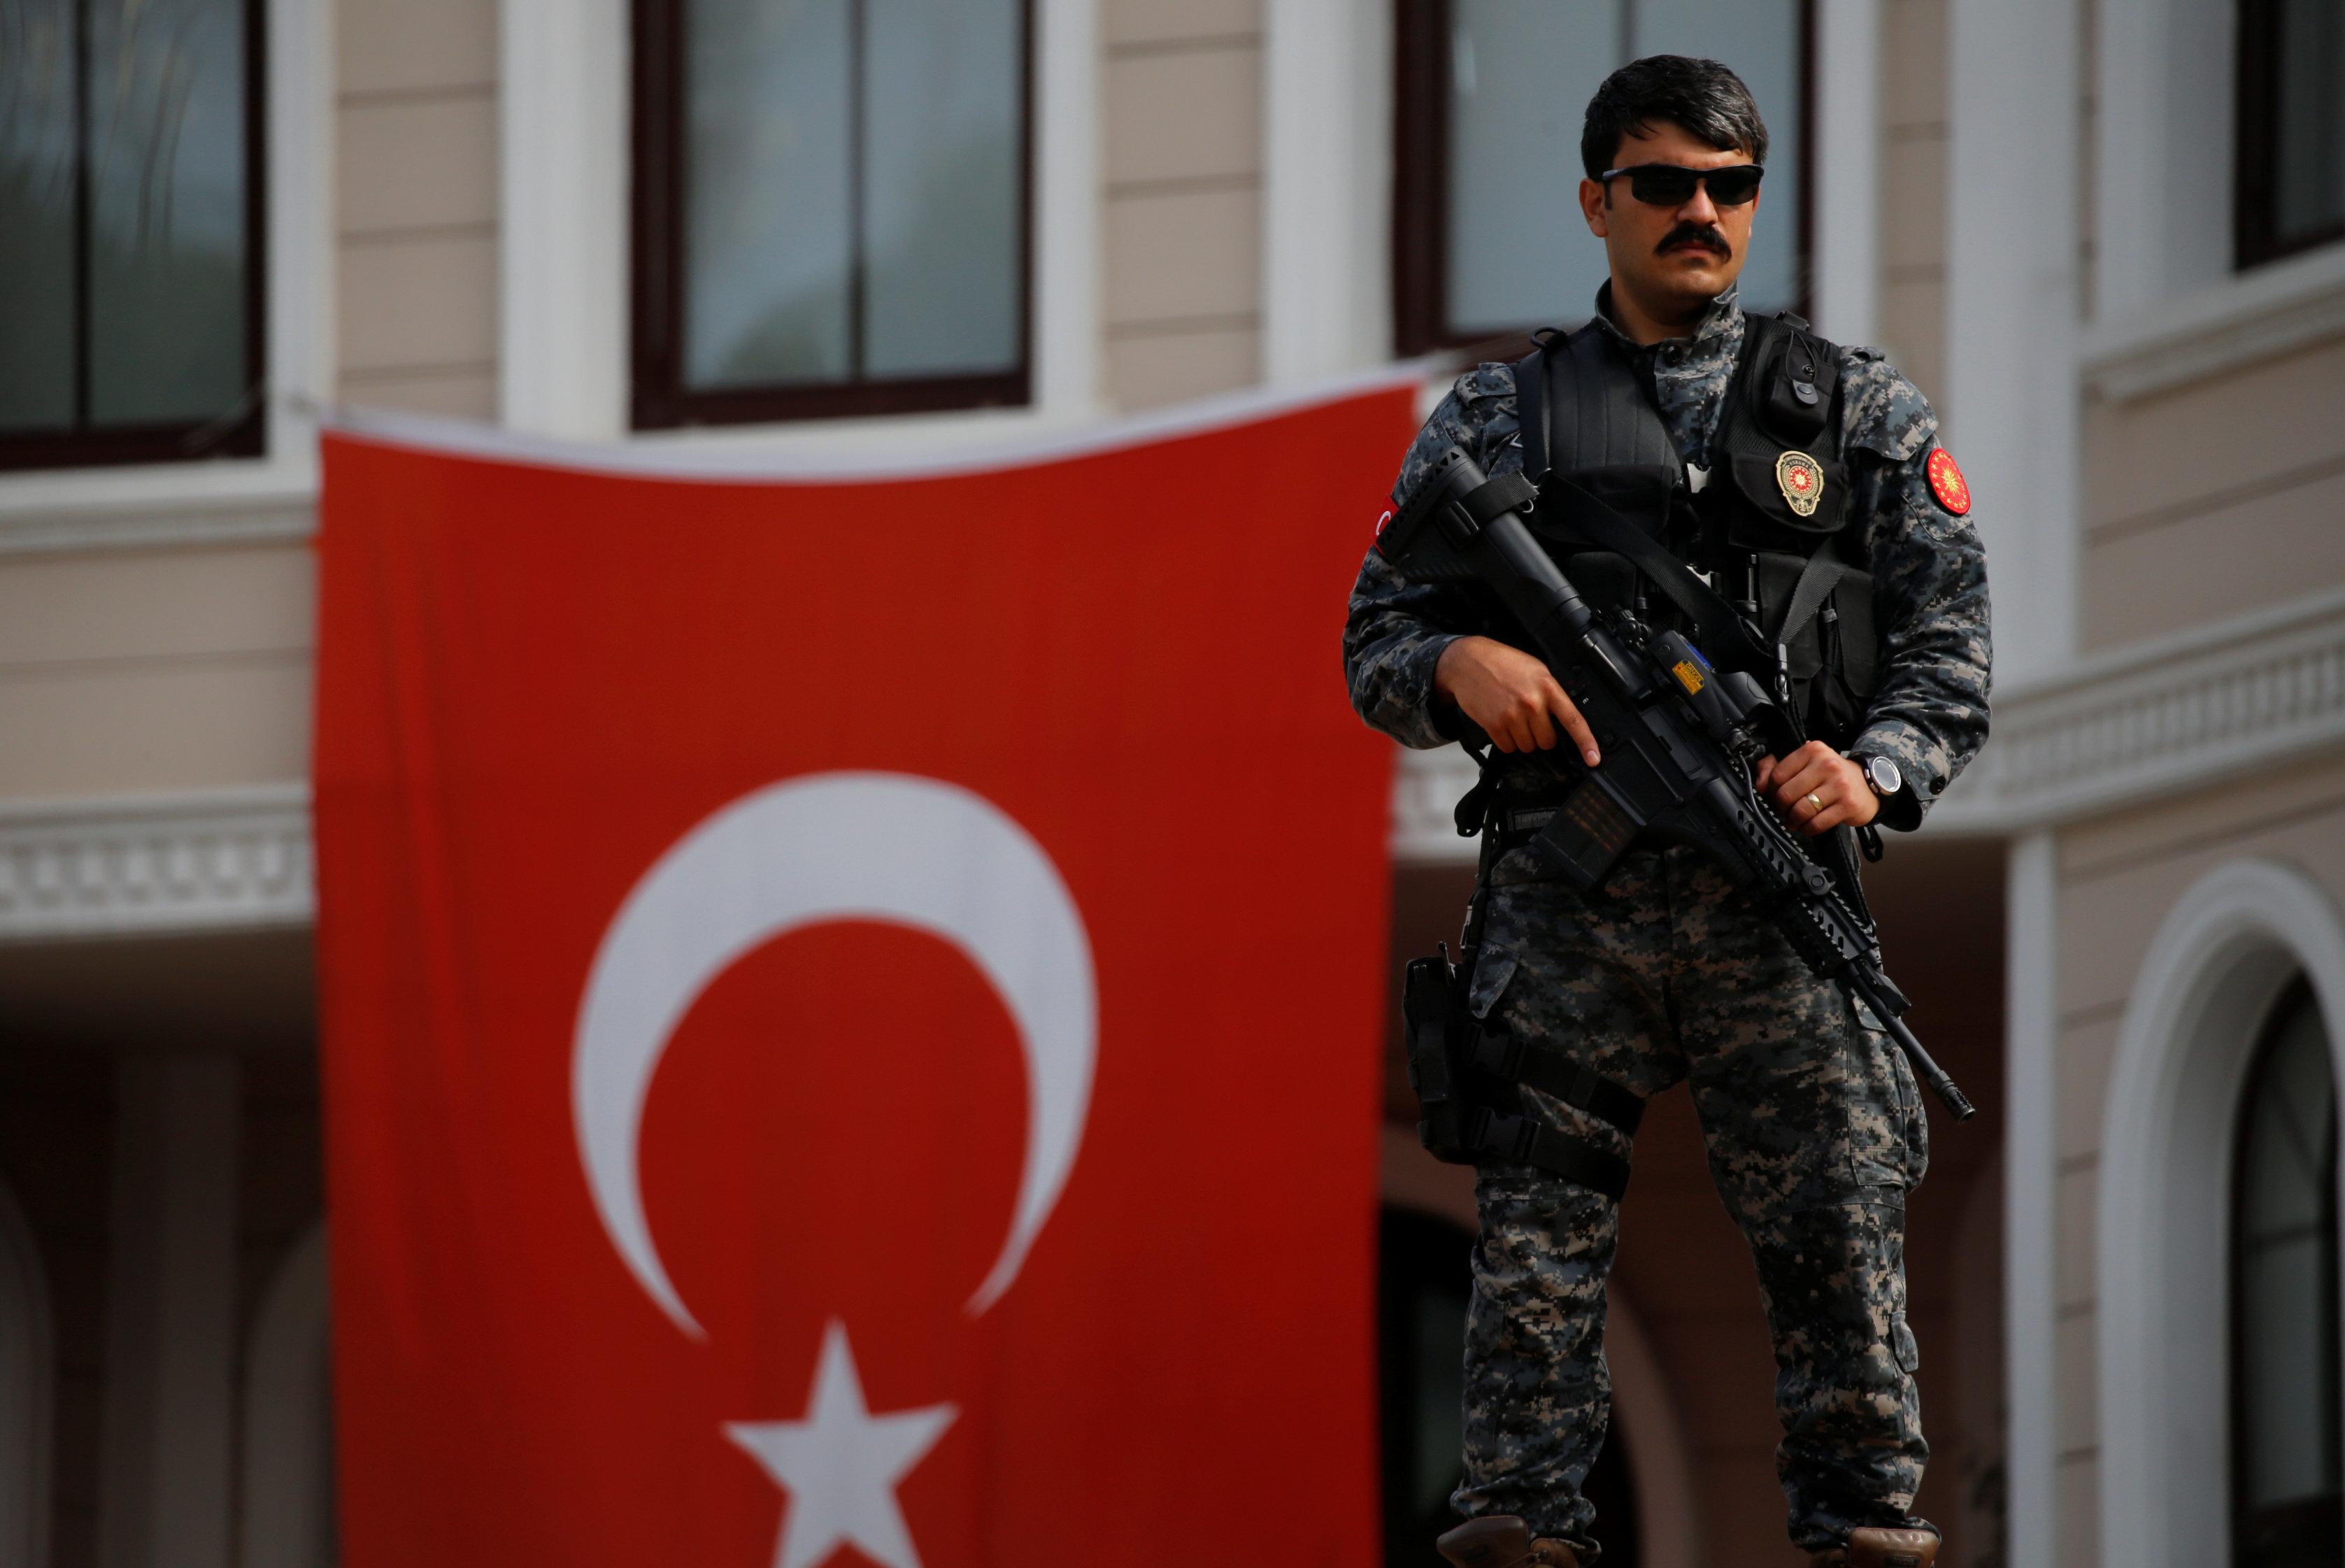 Σύλληψη αυστριακού δημοσιογράφου στην Τουρκία για «πράξη που συνδέεται με την